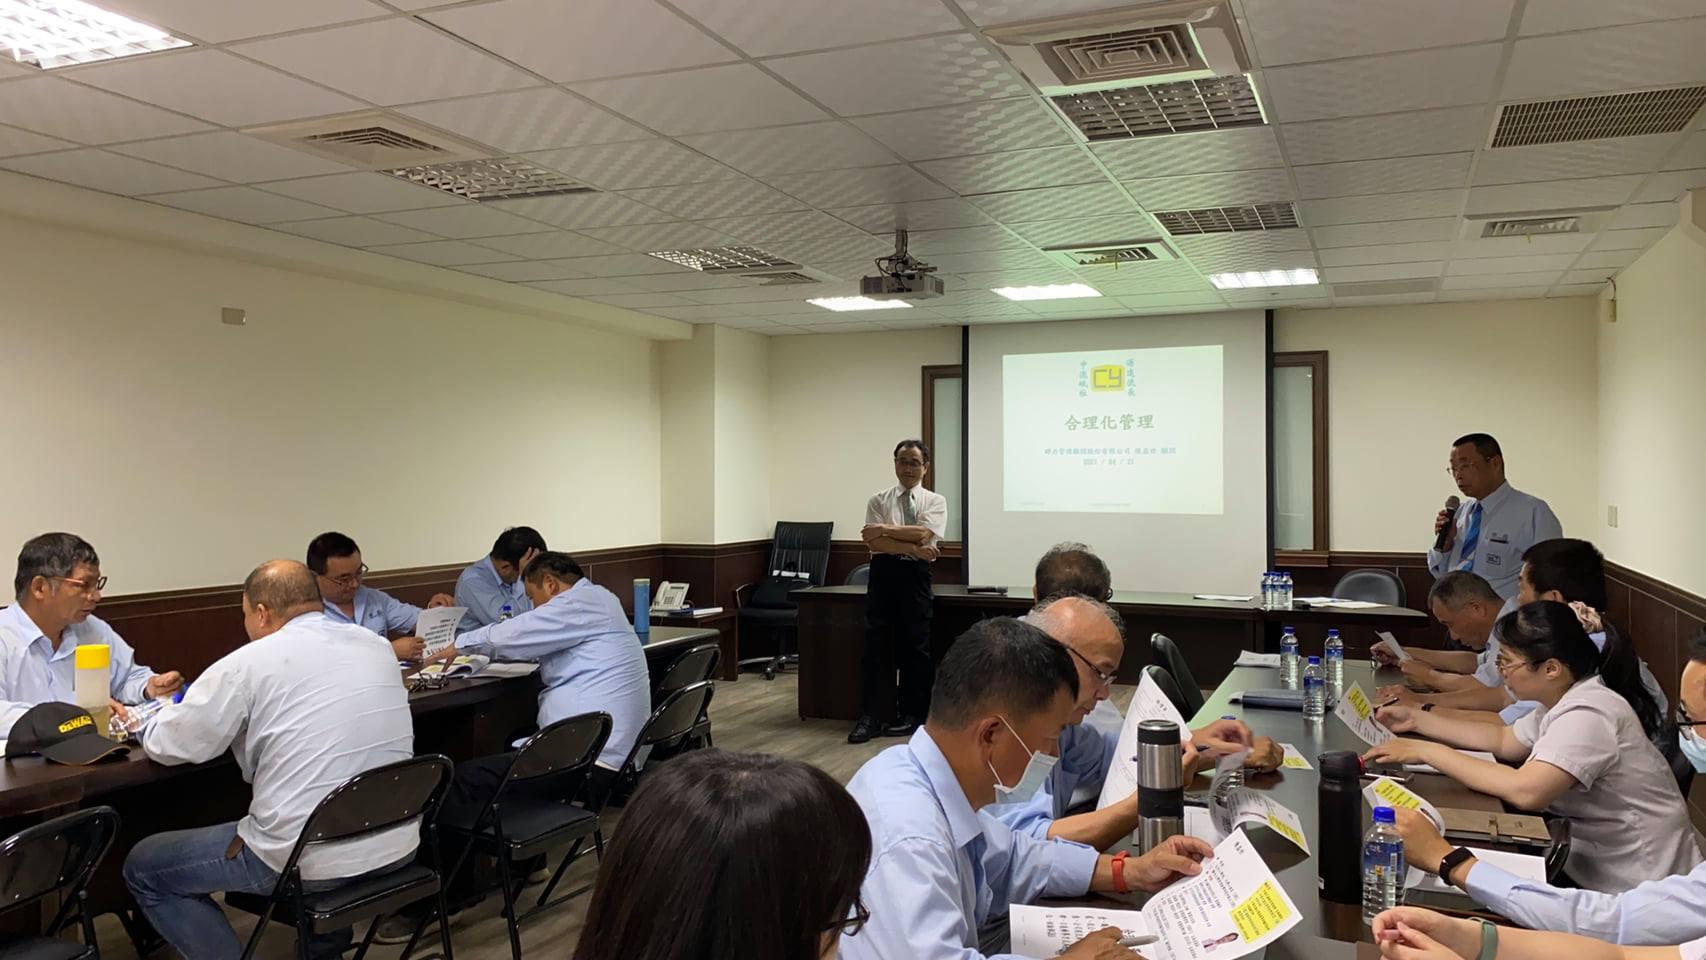 中源機電-合理化管理課程